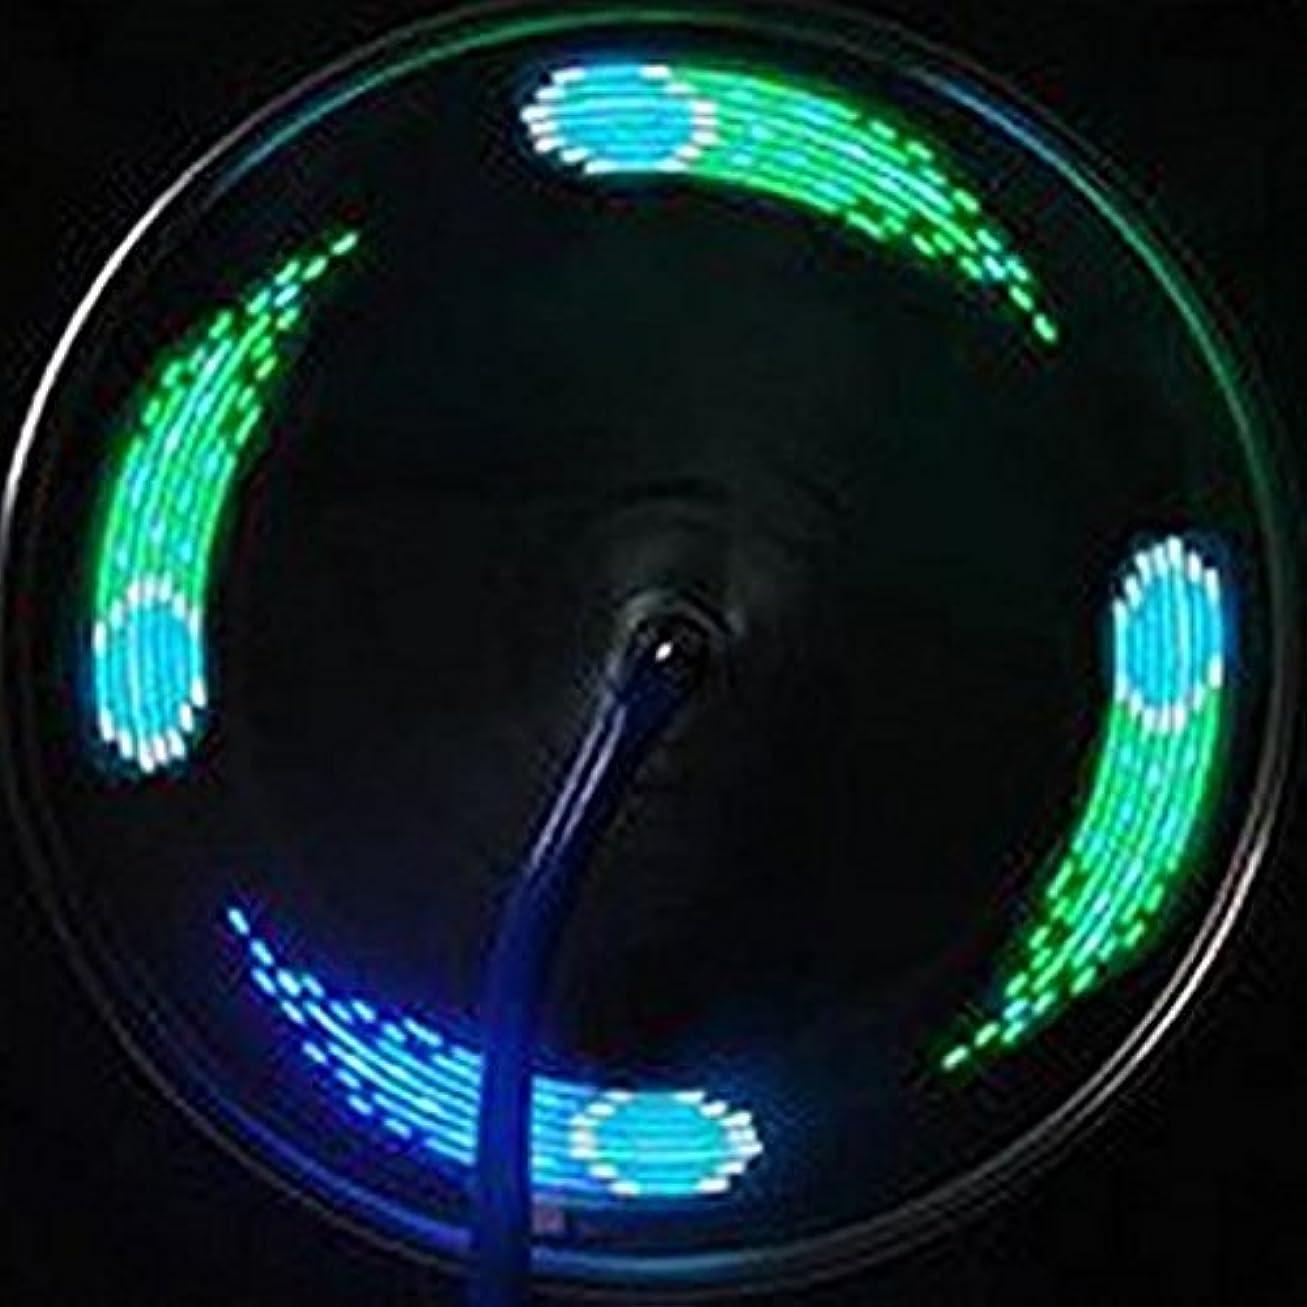 ログジャグリング脳イルミネーション 夜の街をチャリンコで照らせ!自転車タイヤ用LEDライト 時間経過で模様が変わる IPX5 電池駆動